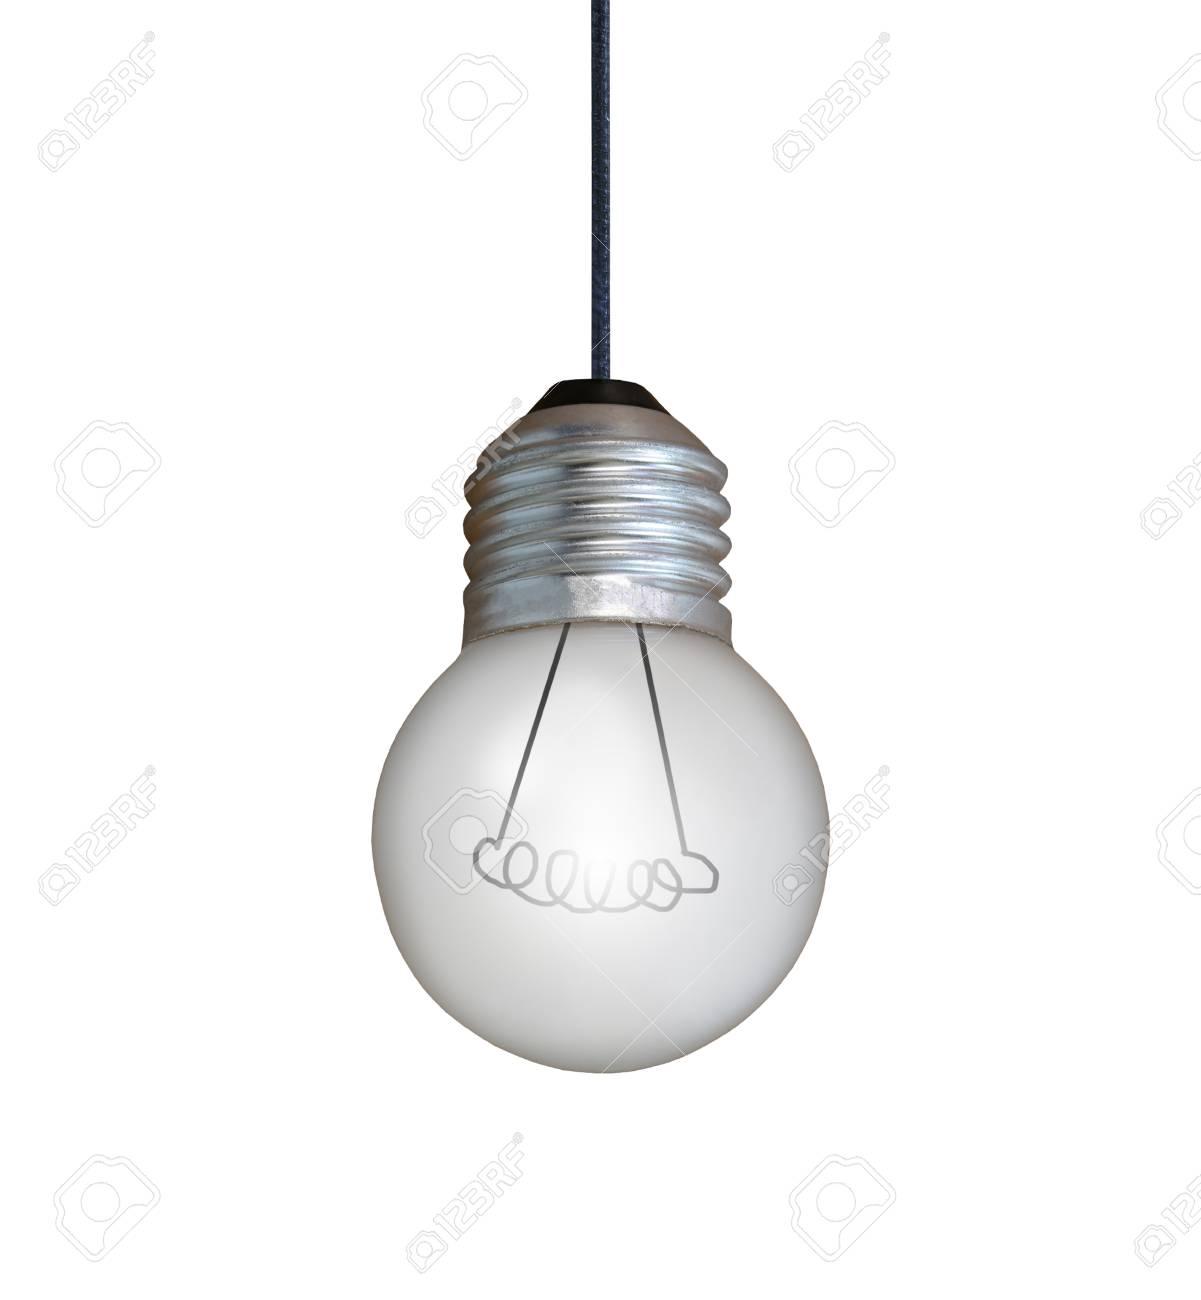 fondo eficiencia en energía de de energética blancoconcepto aislada el Lámpara y ahorro de techo T15FKuJ3lc